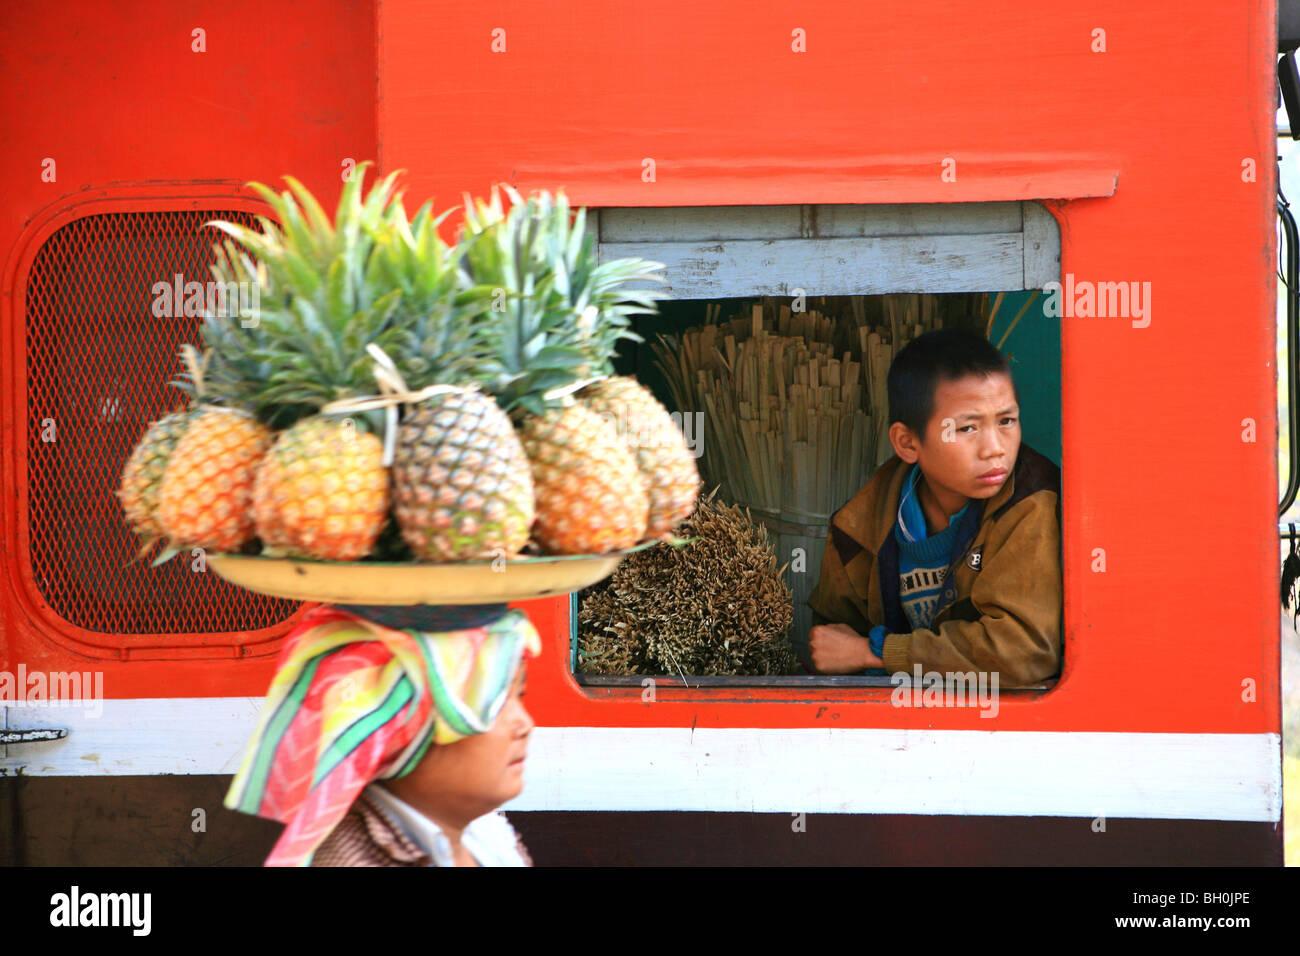 Eine Frau verkauft Frucht, ein Junge aus dem Fenster eines Zuges, Hispaw, Shan State in Myanmar, Myanmar, Asien Stockbild